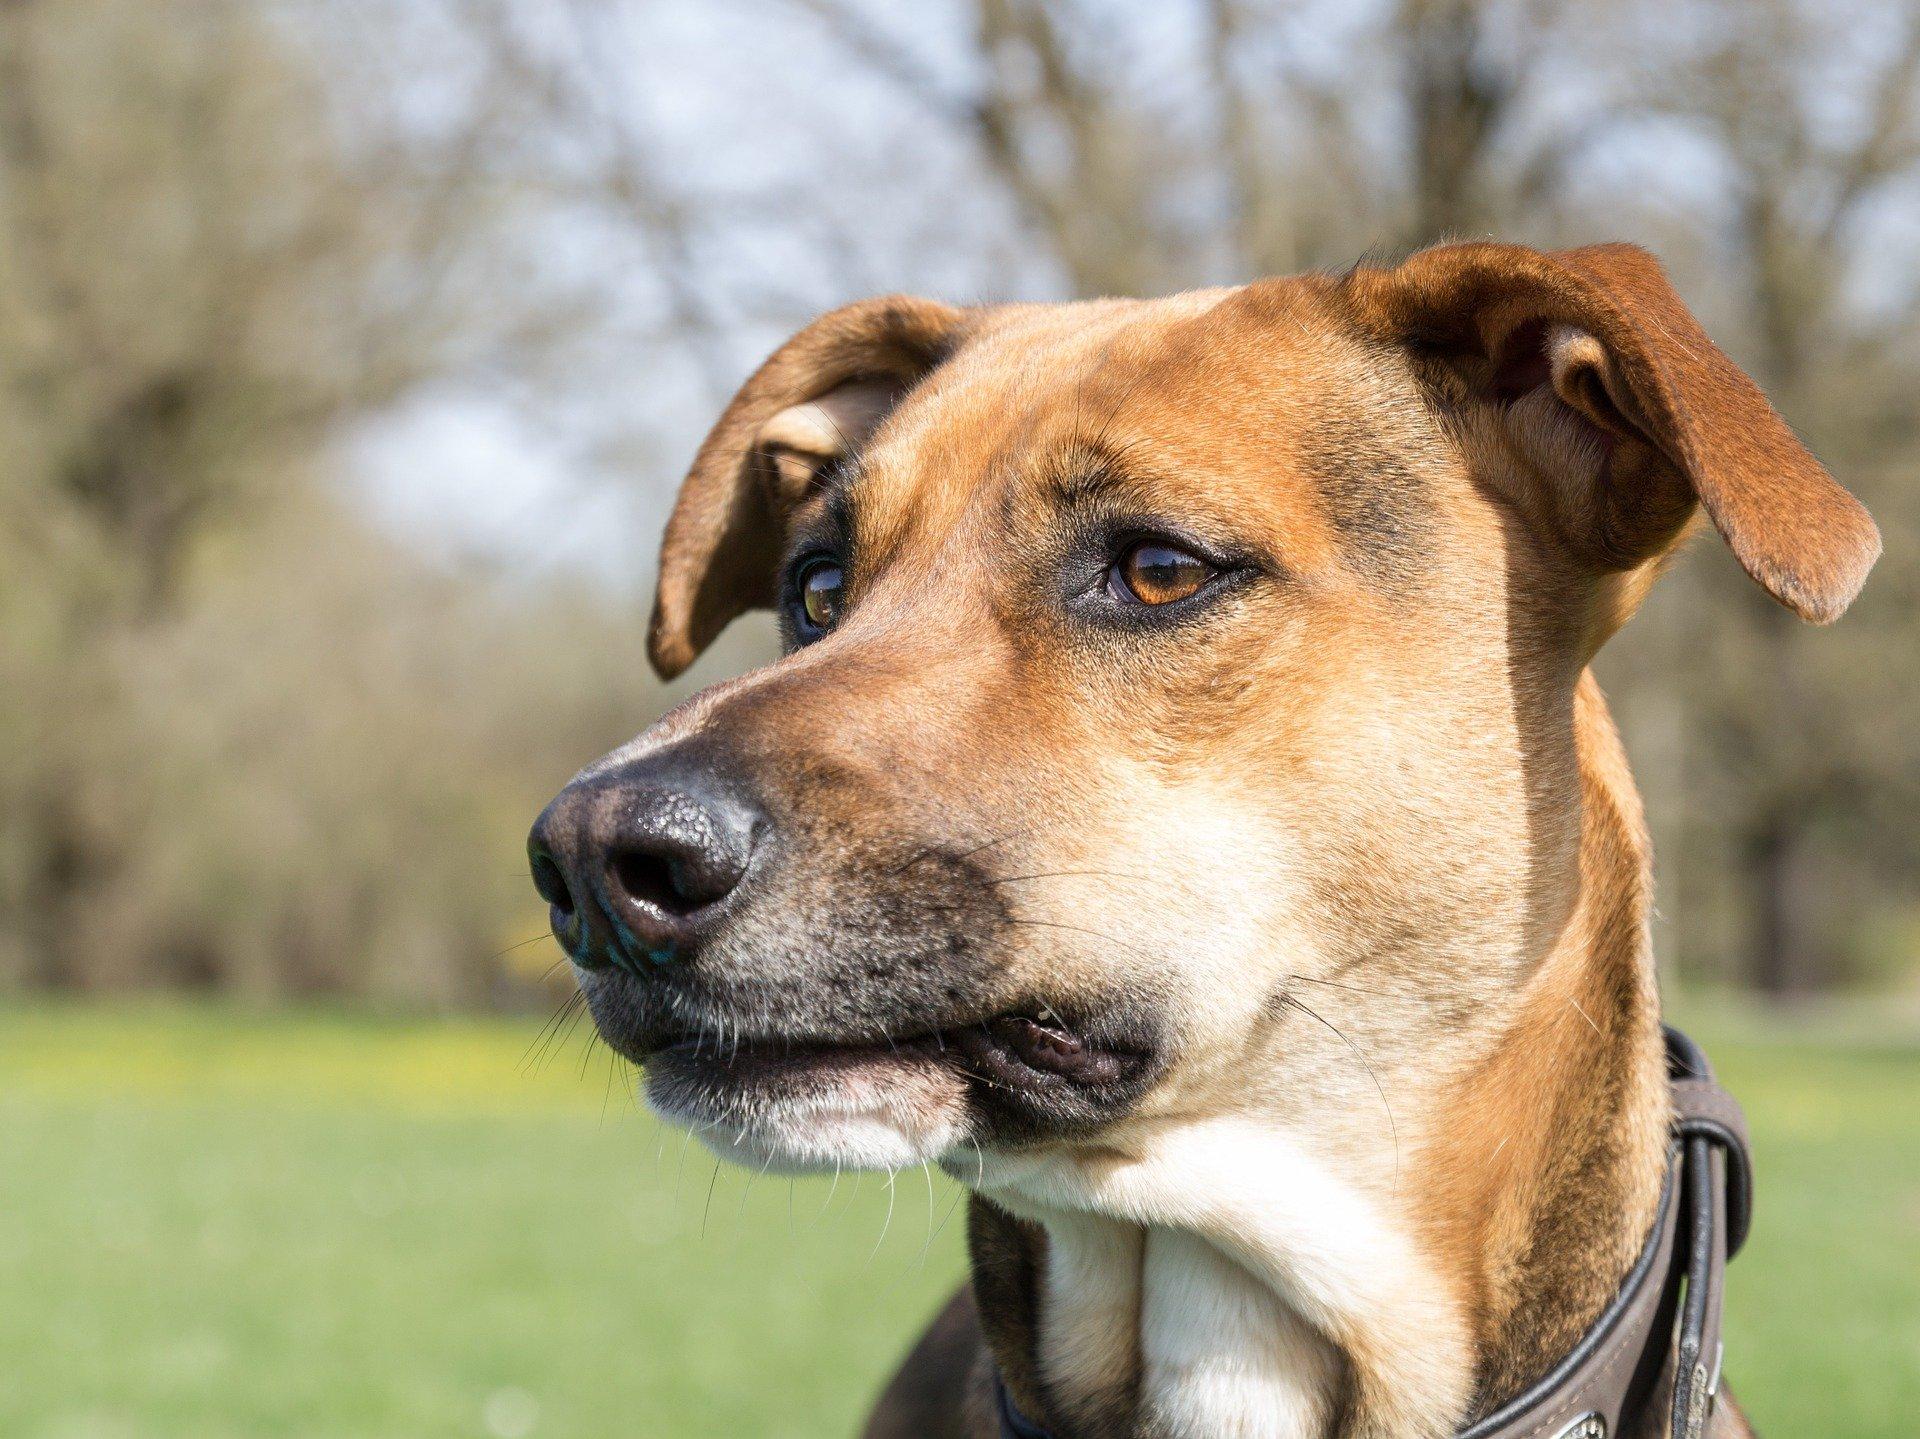 Le otiti batteriche dei cani le cause e i sintomi che le provocano